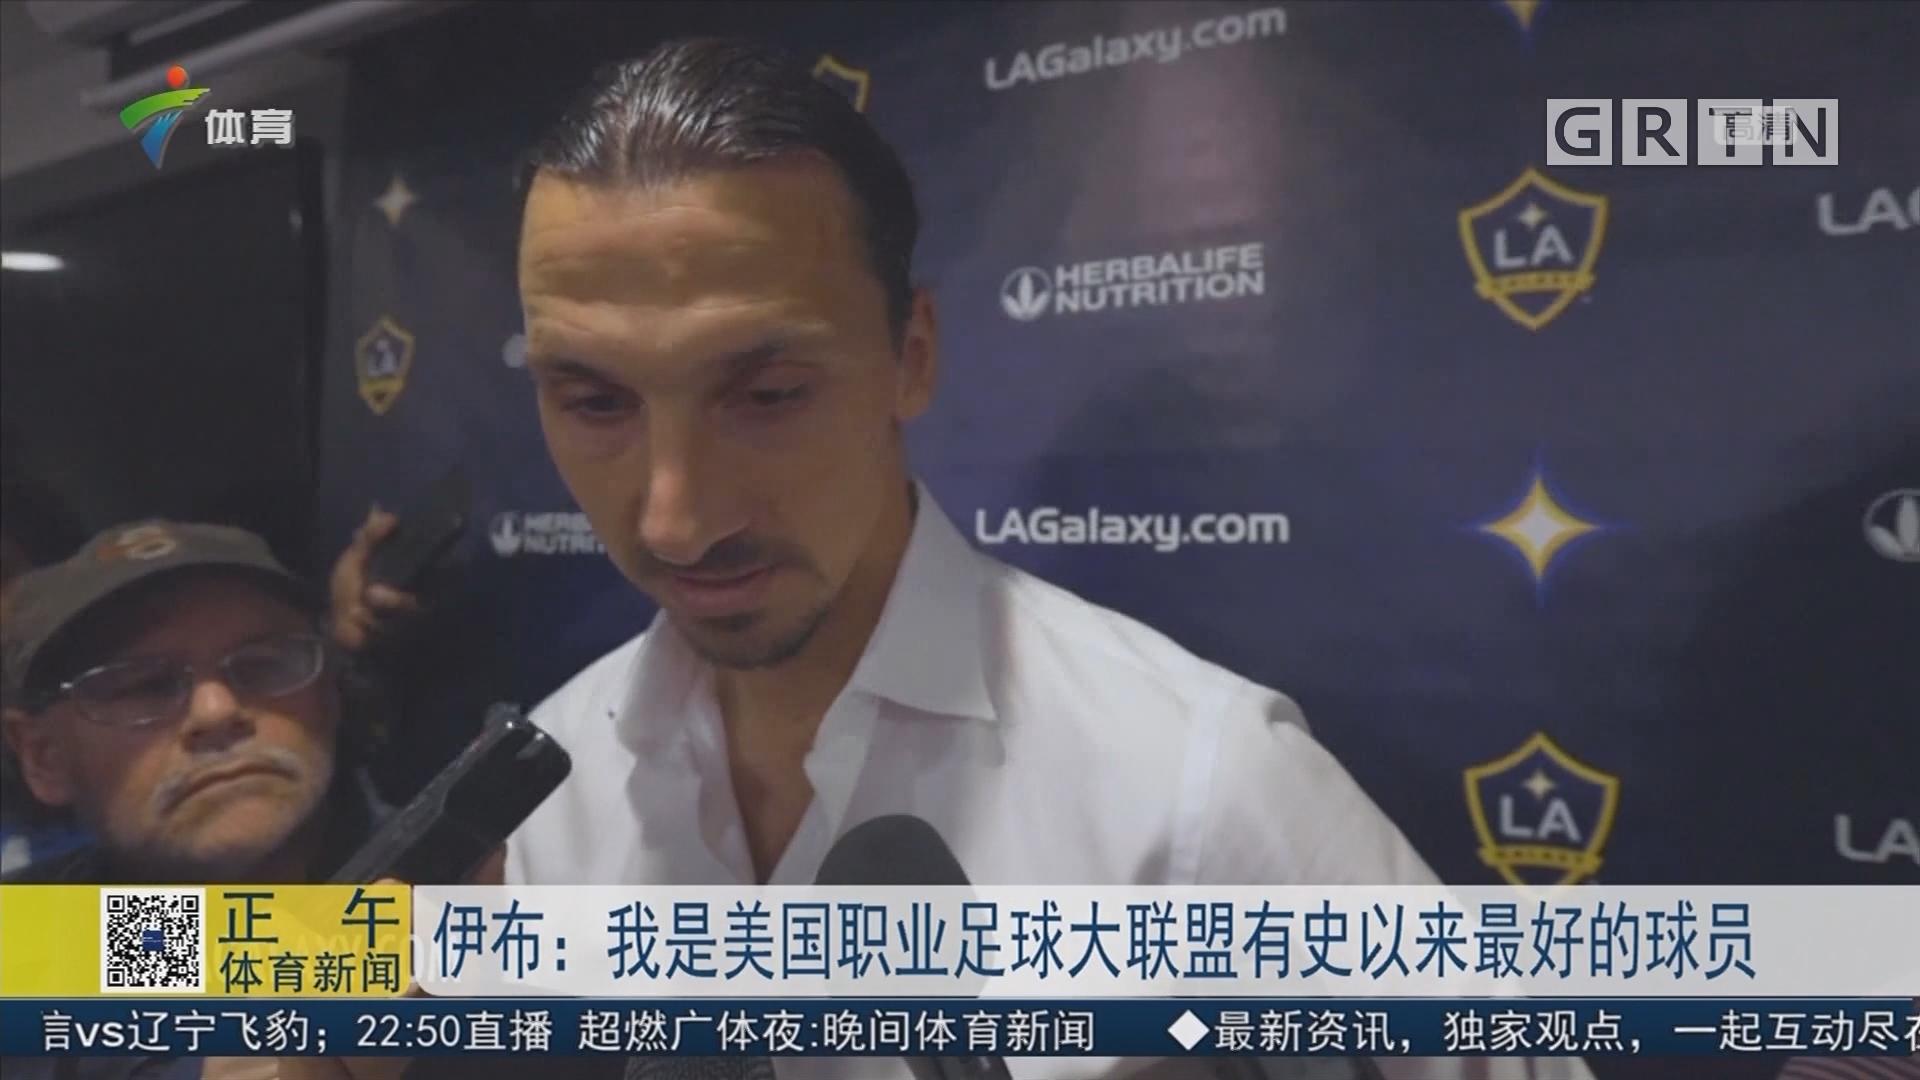 伊布:我是美国职业足球大联盟有史以来最好的球员